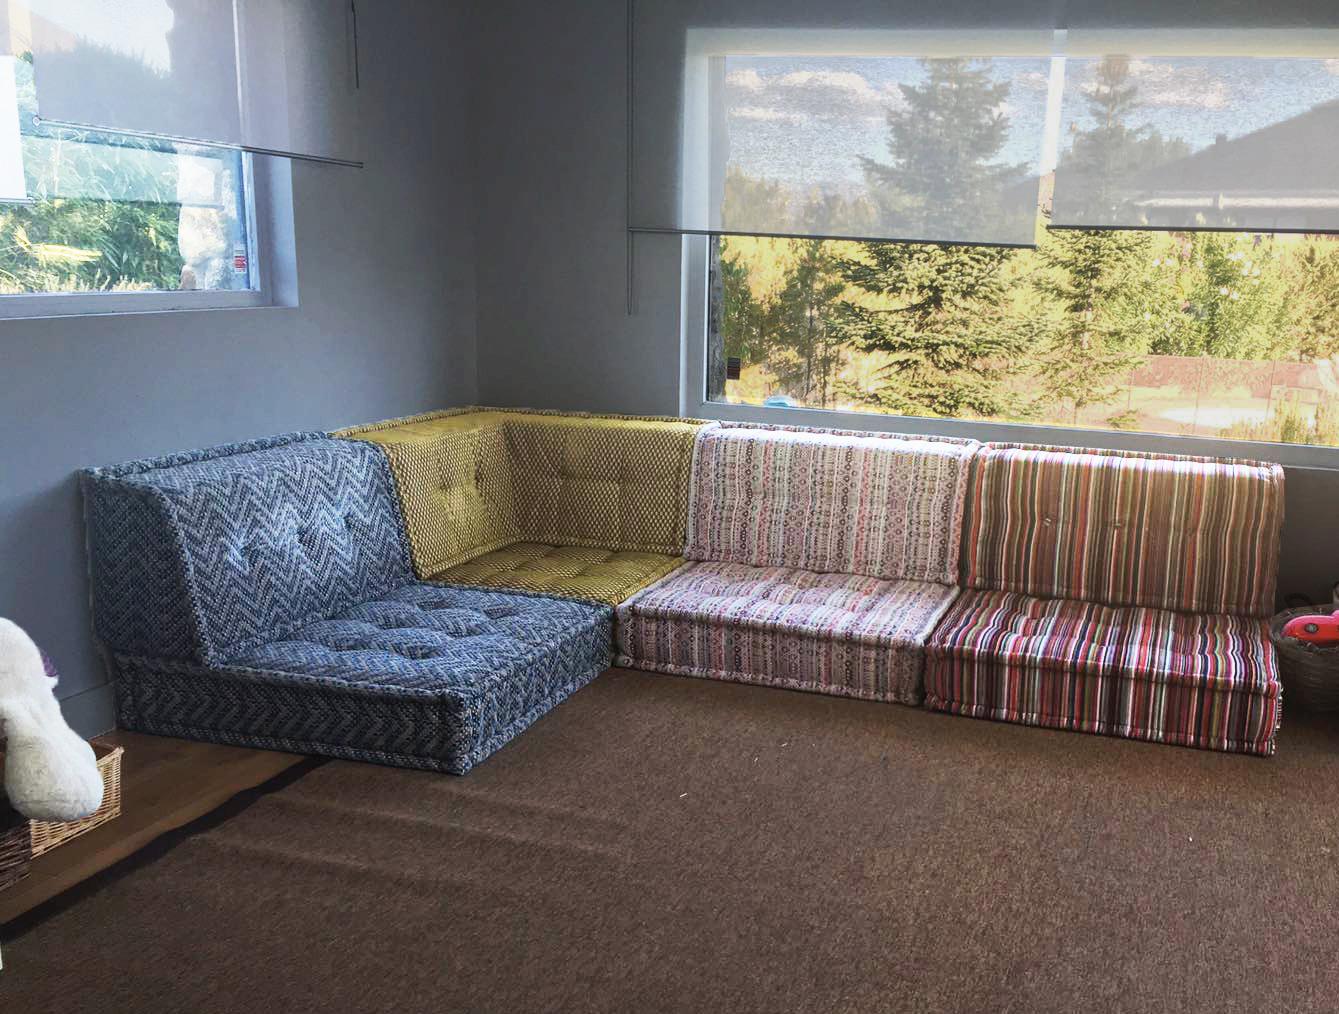 Sofas A Medida Madrid E6d5 sofà Craft A Medida Galapagar Madrid Look Cushion sofas to